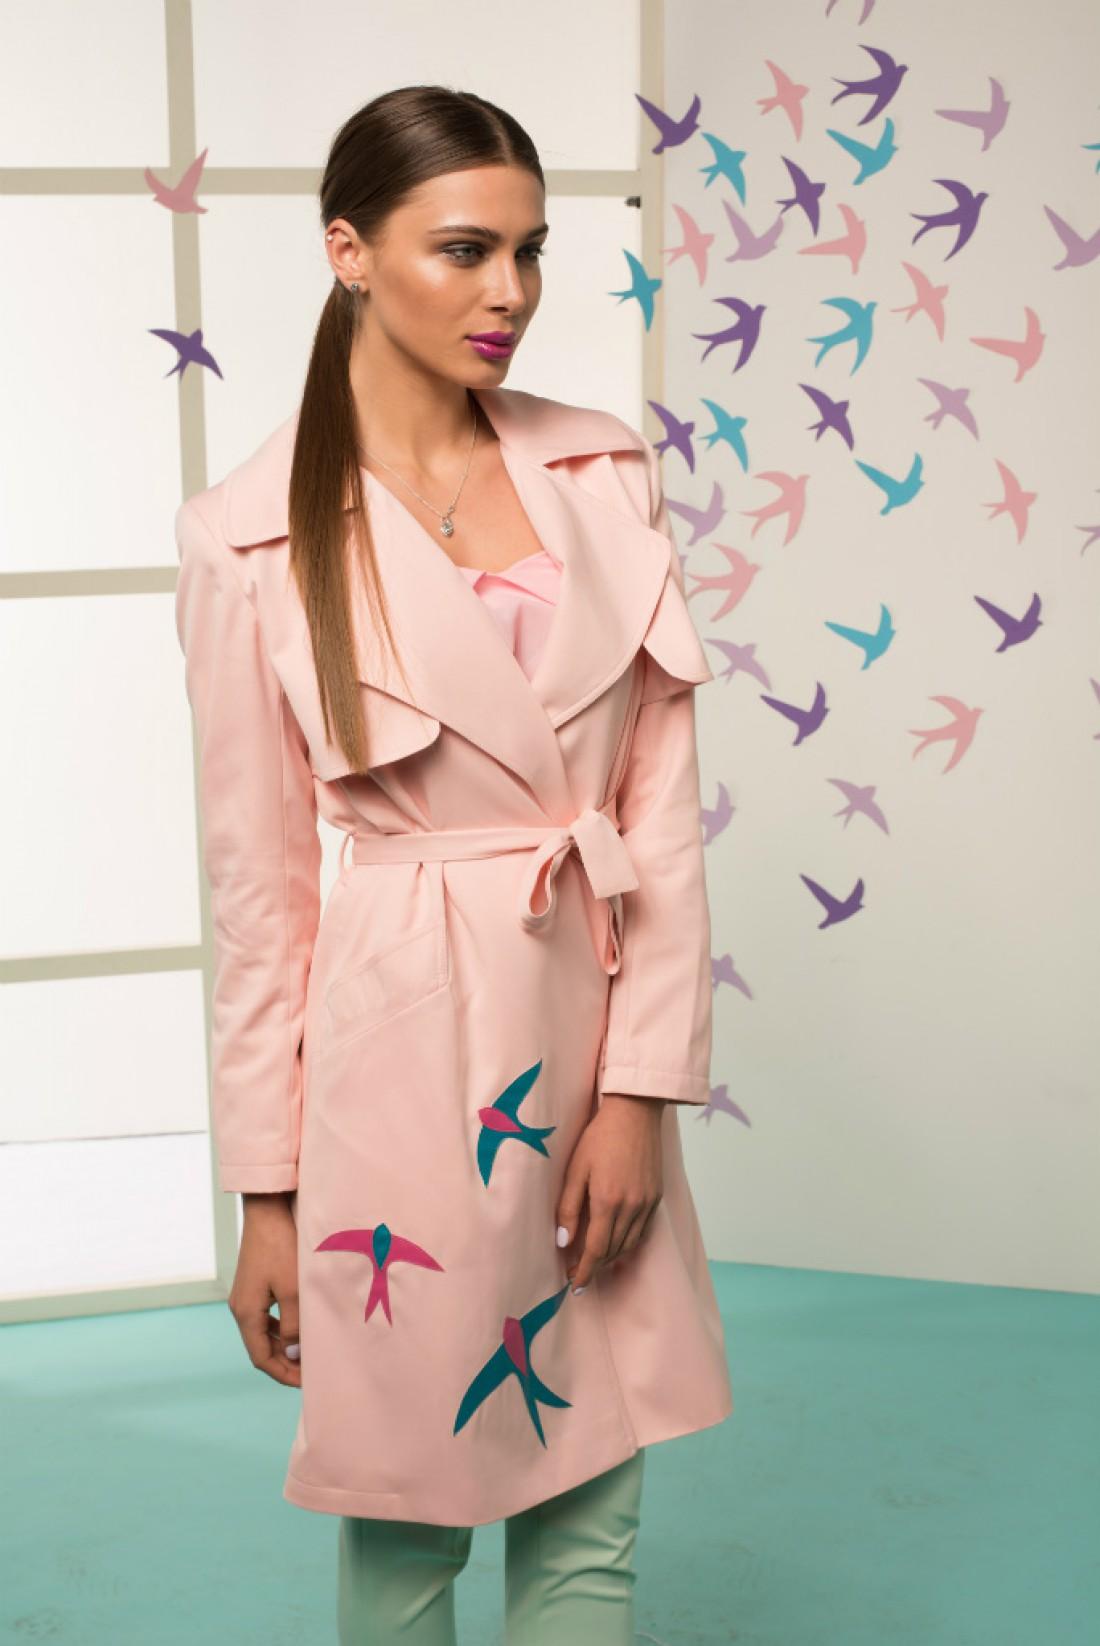 Розовый тренч от украинского бренда The Lace